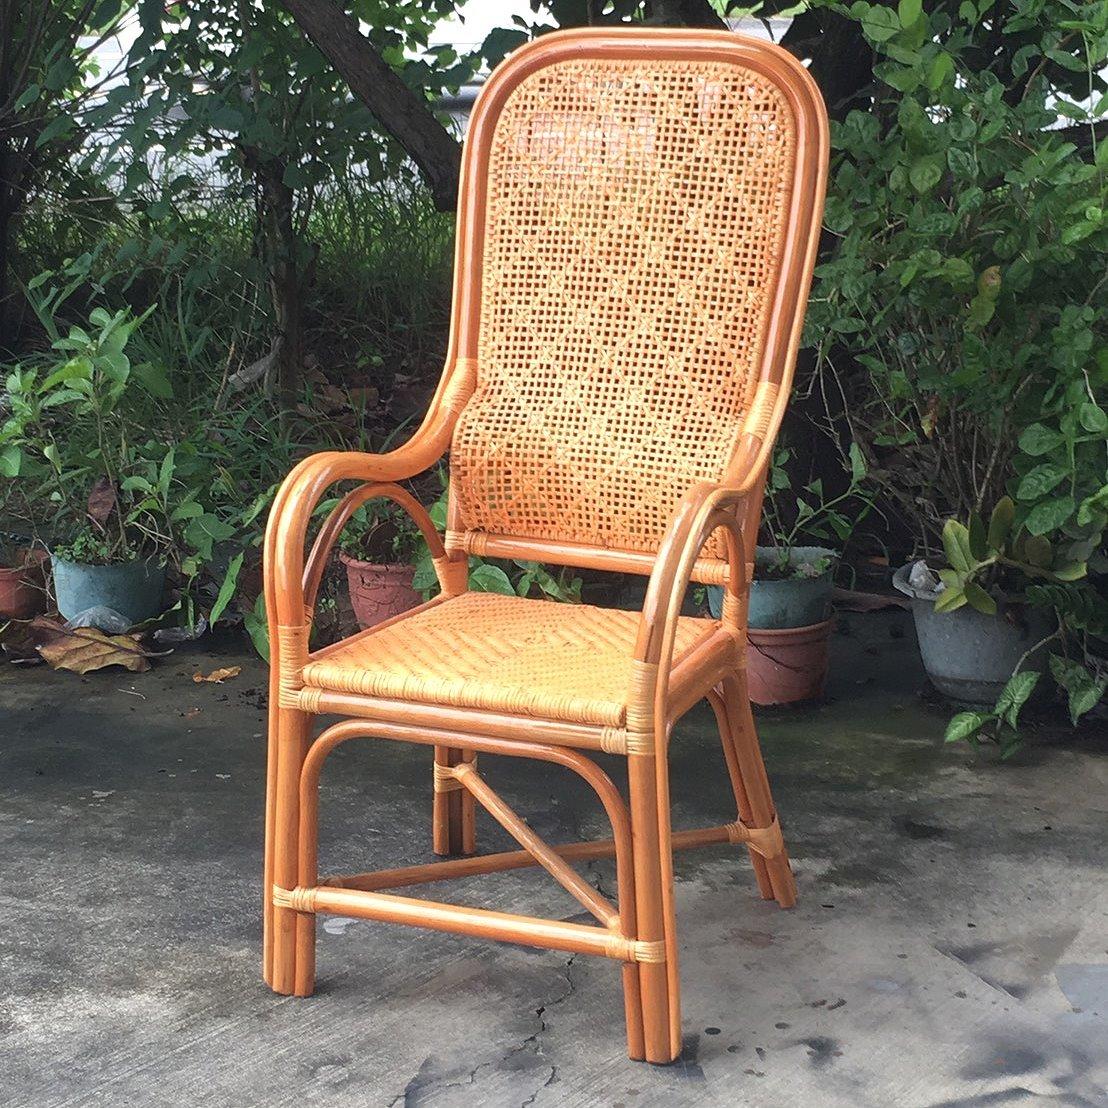 ~*麗晶家具*~ 高背護腰老人藤椅 人體工學設計 腰部支撐 年長者福音  教職員椅 老人椅